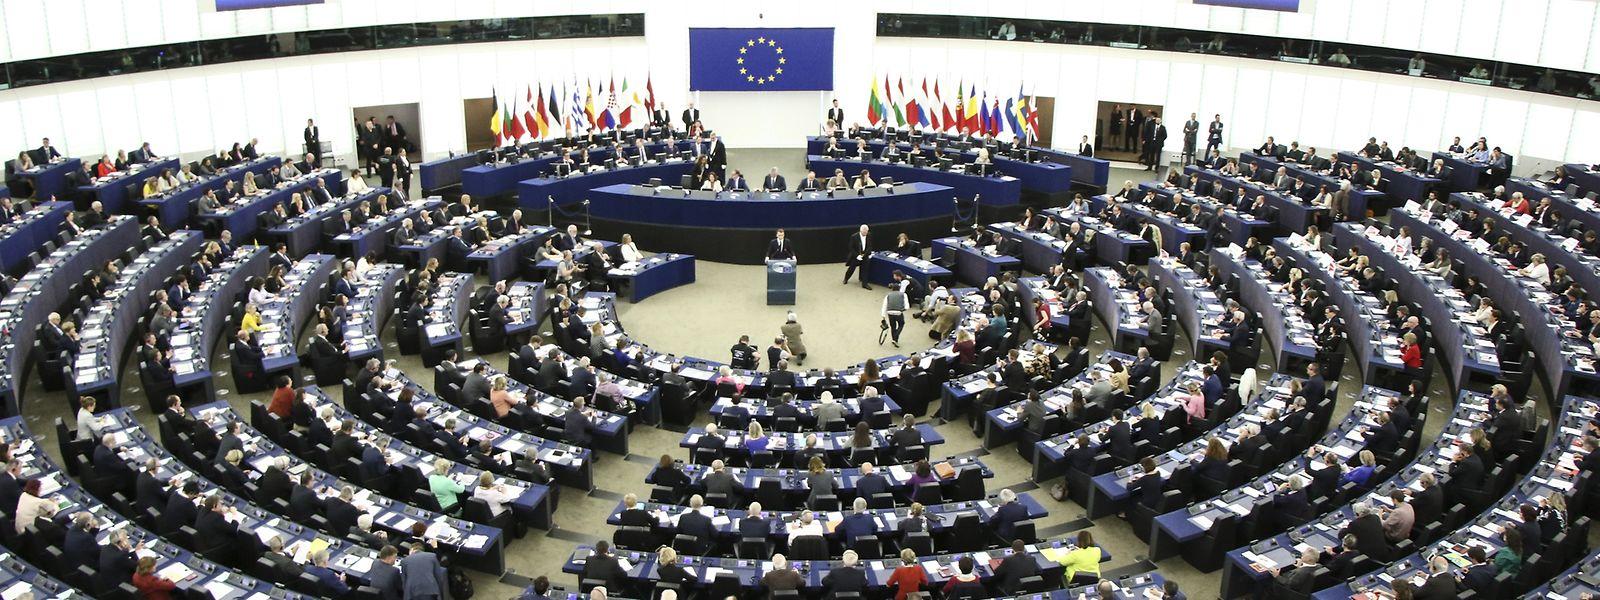 Der Plenarsaal des EU-Parlaments in Straßburg